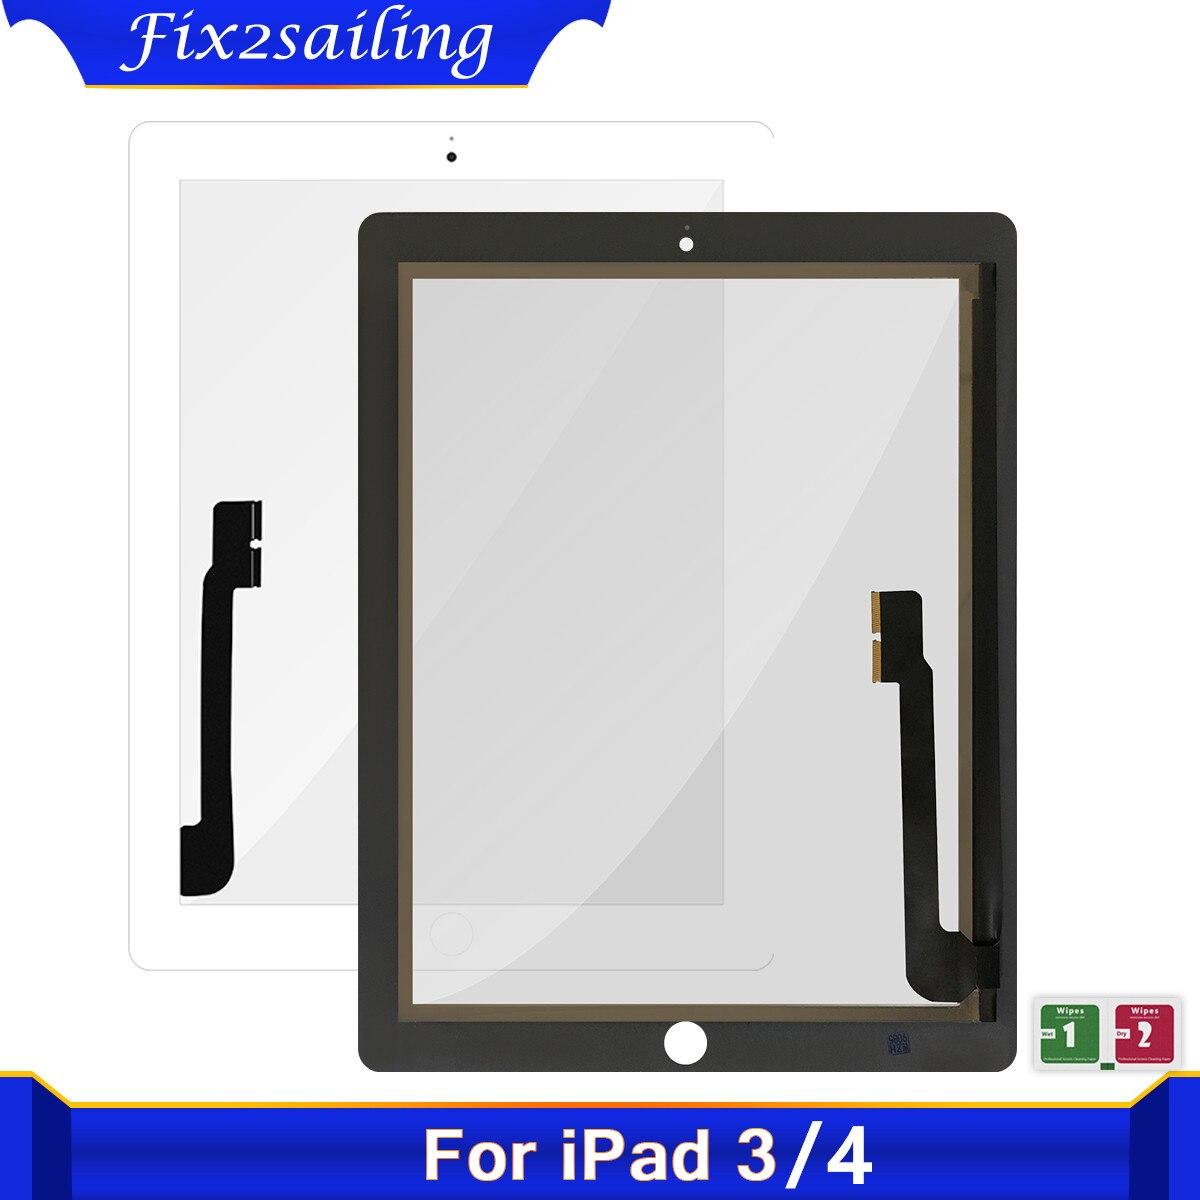 Сенсорный экран Экран Замена для iPad 3 4 iPad3 iPad4 A1403 A1416 A1430 A1458 A1459 A1460 сенсорный экран Внешний цифрователь Сенсор стекло Панель